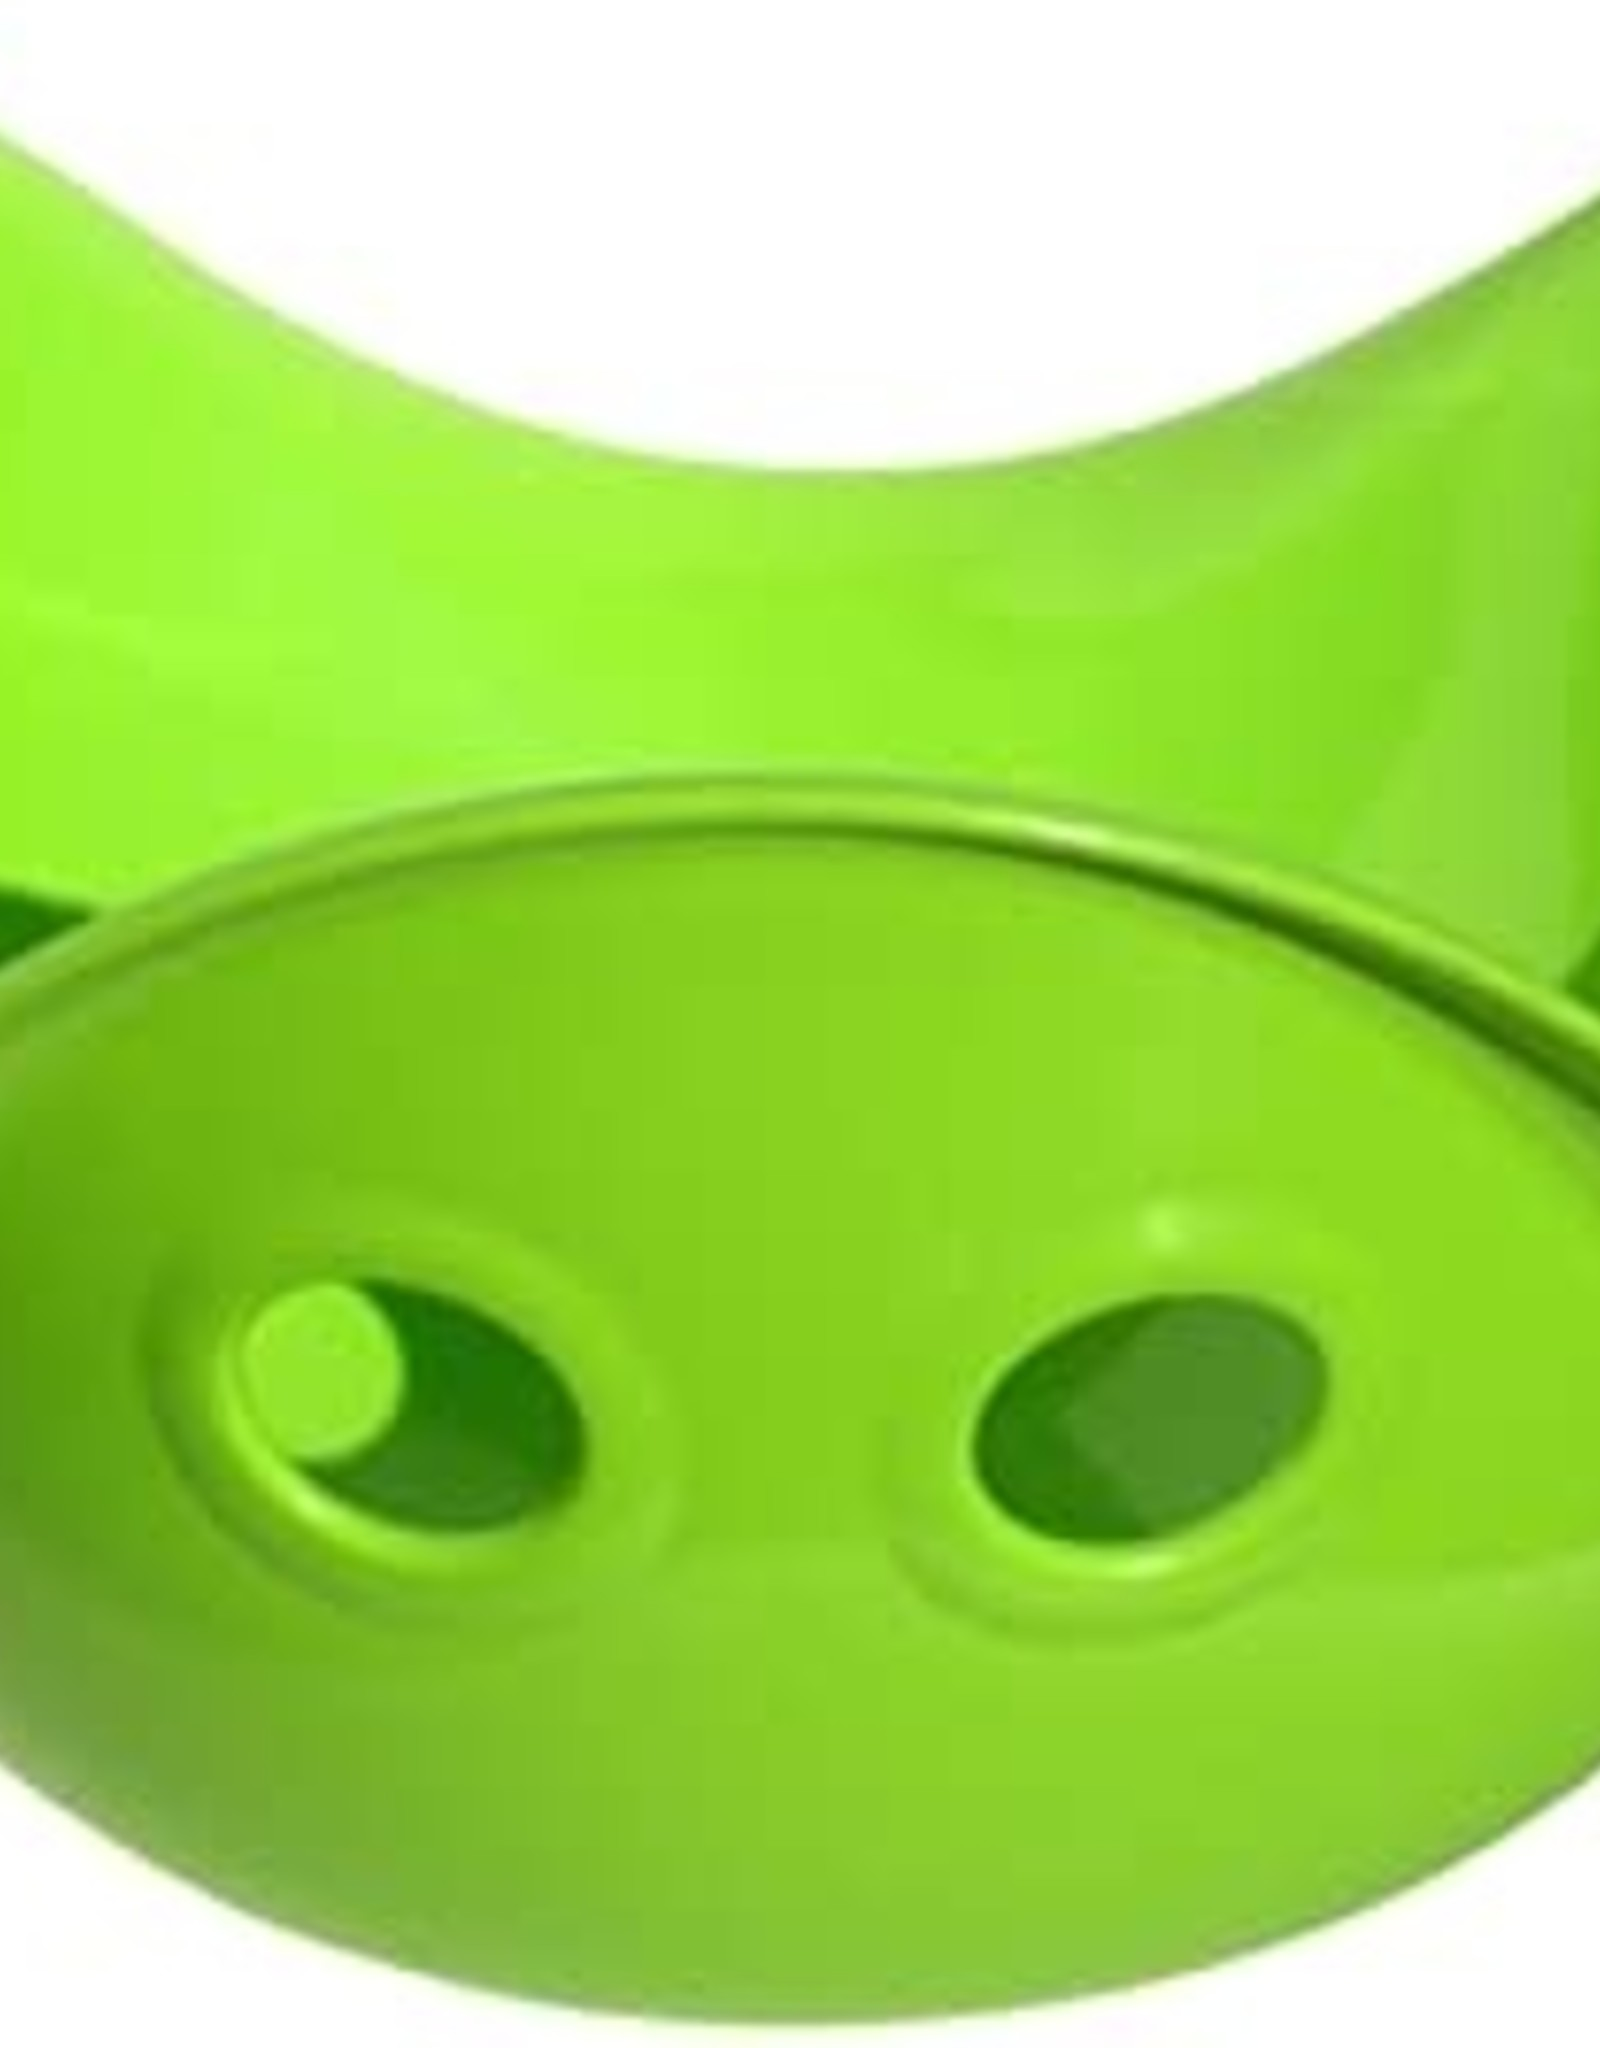 Bilibo - Green